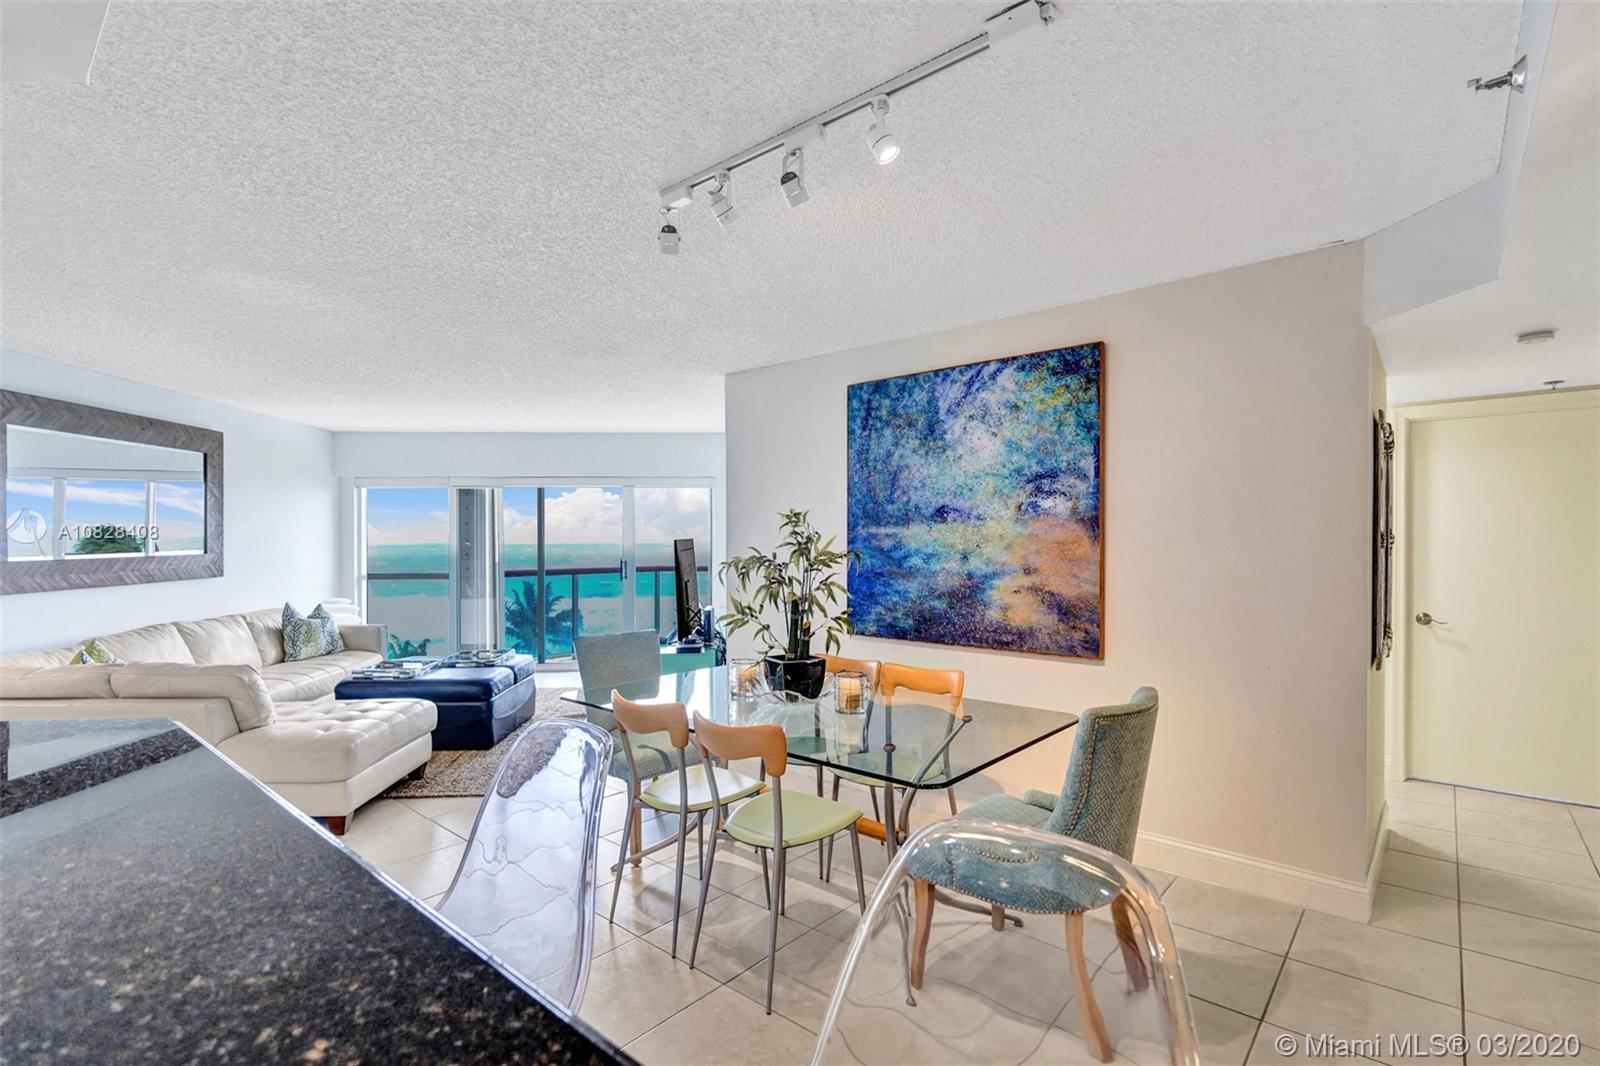 6767 Collins Ave #510, Miami Beach, FL 33141 - Miami Beach, FL real estate listing